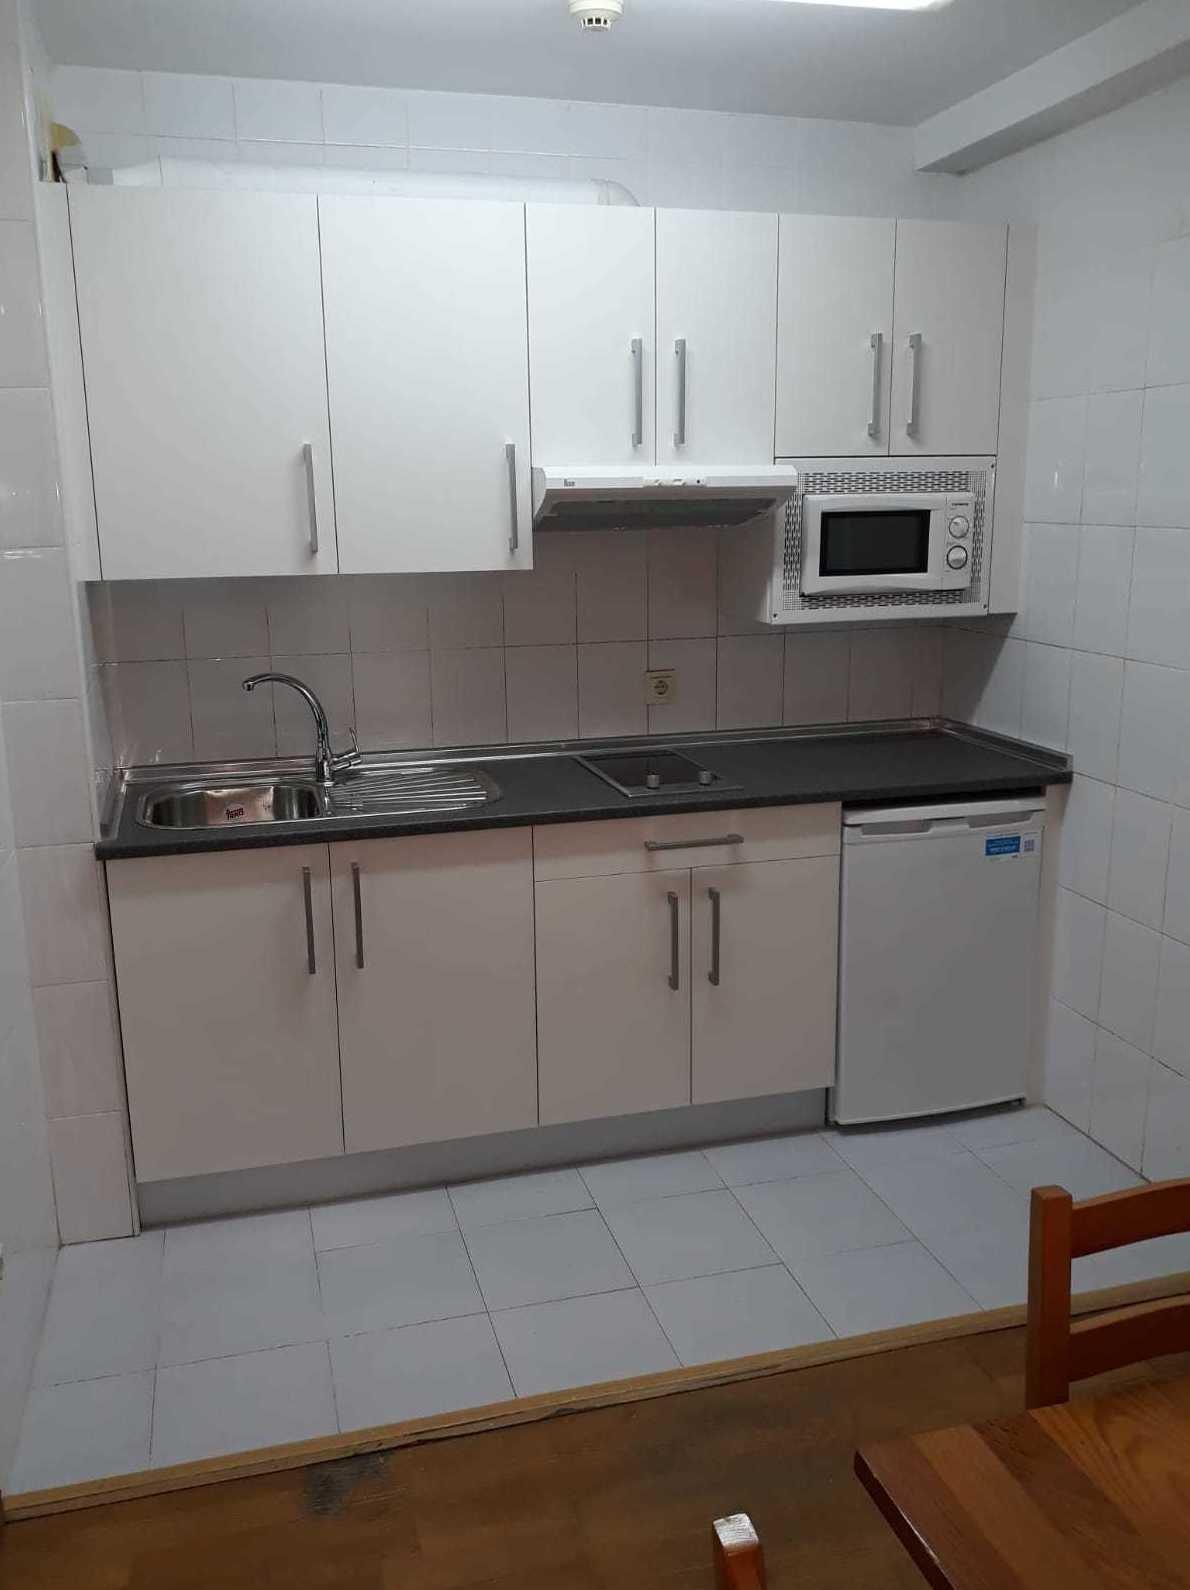 Foto 21 de Electrodomésticos y muebles en  | Electrodomésticos Miguelena